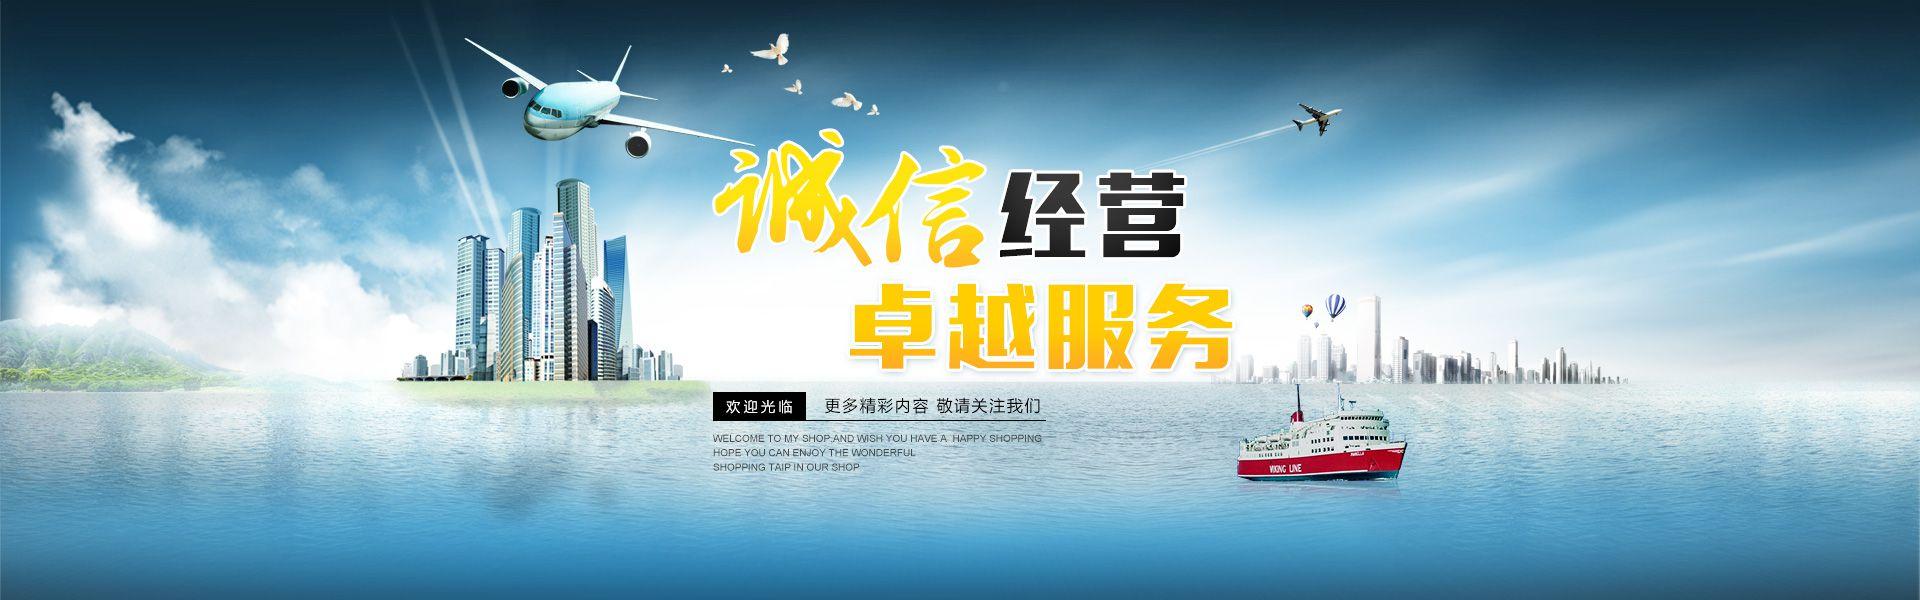 上海齐一贸易有限公司